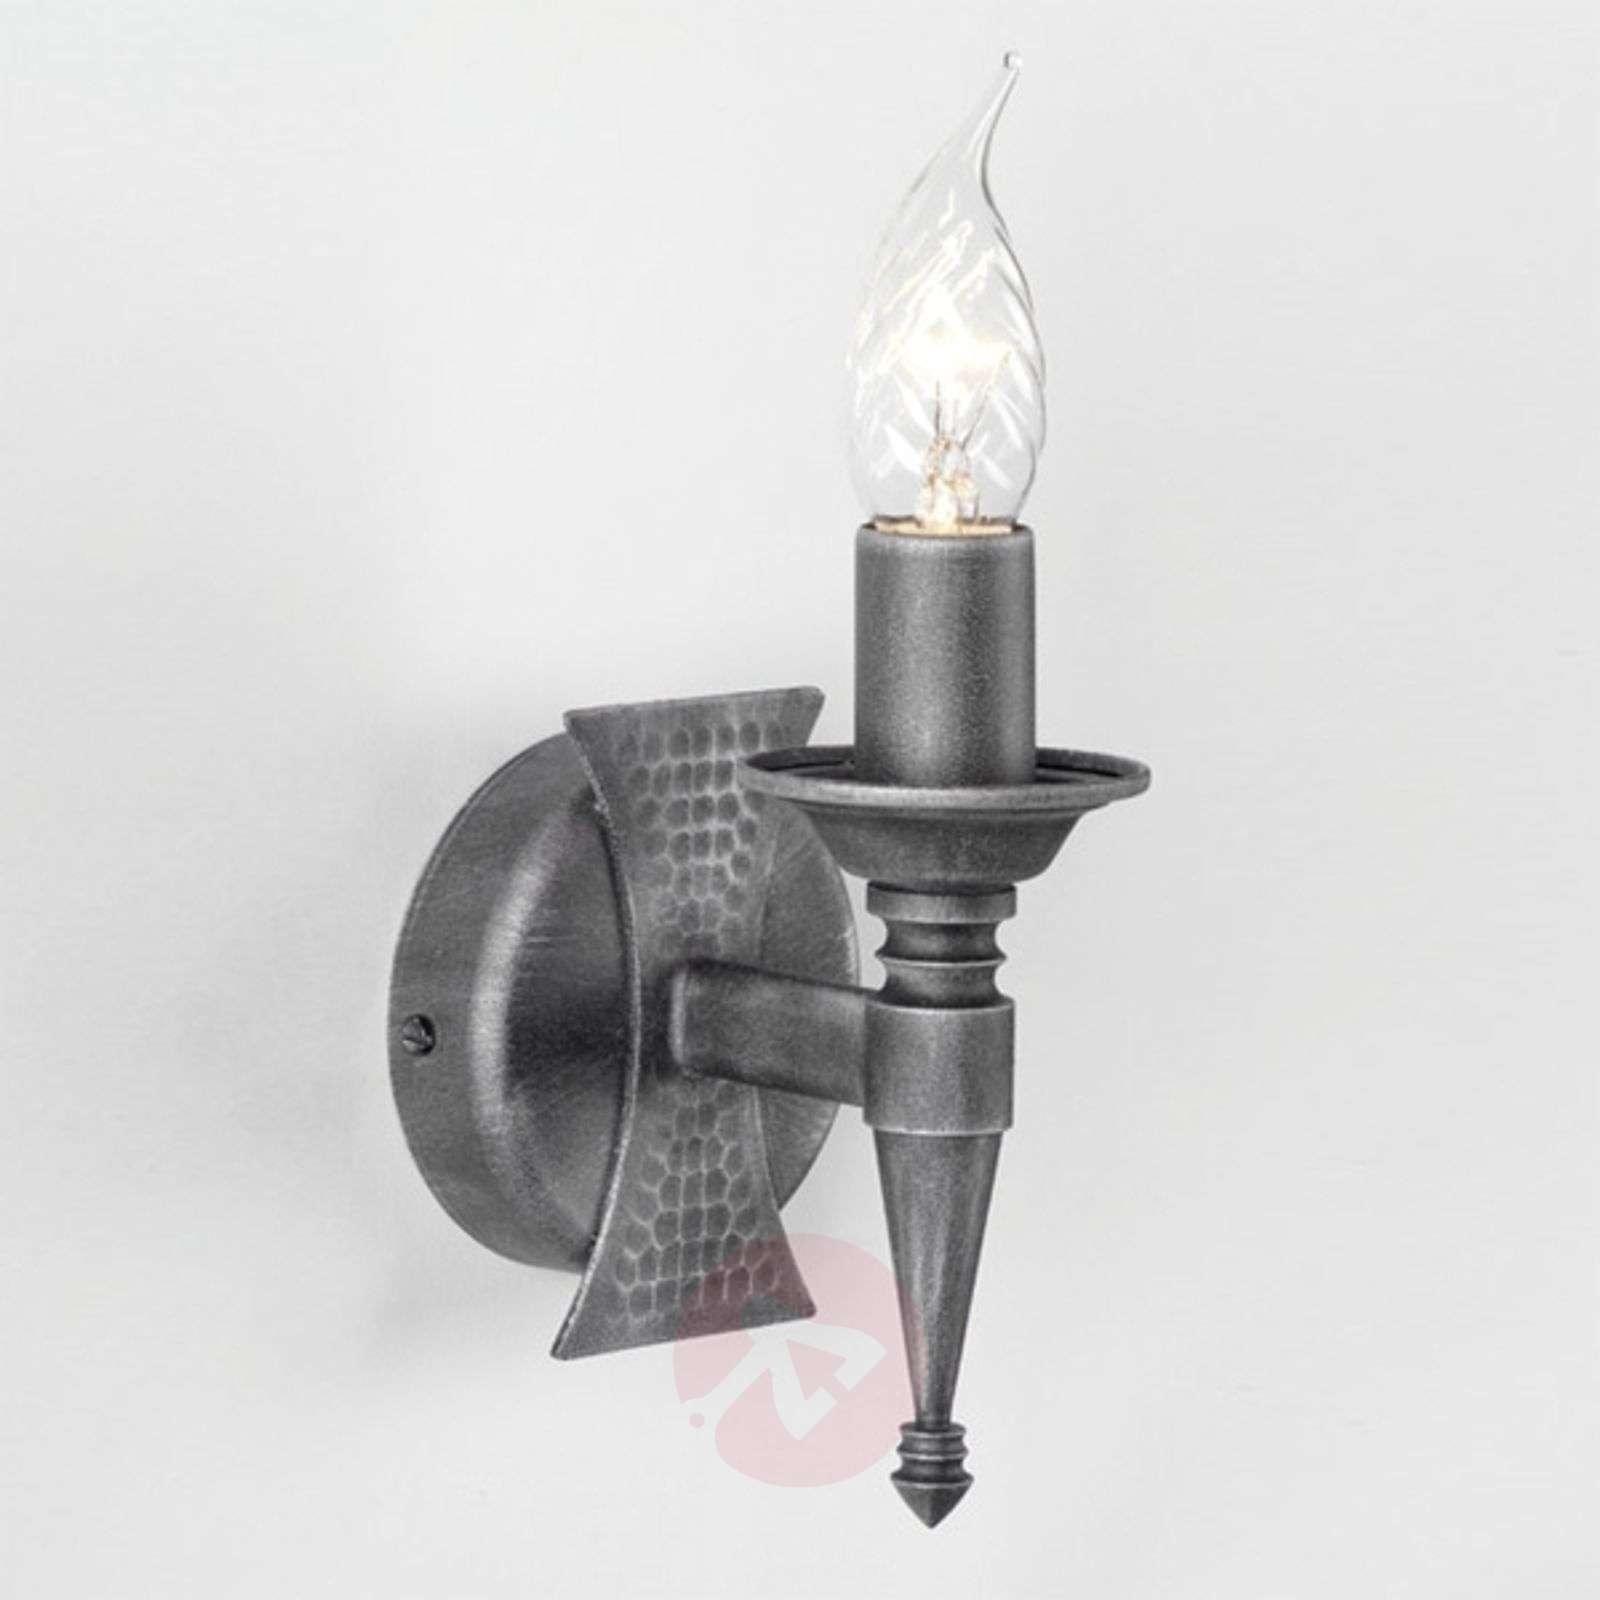 Saxon Wall Light Medieval-3048045X-01